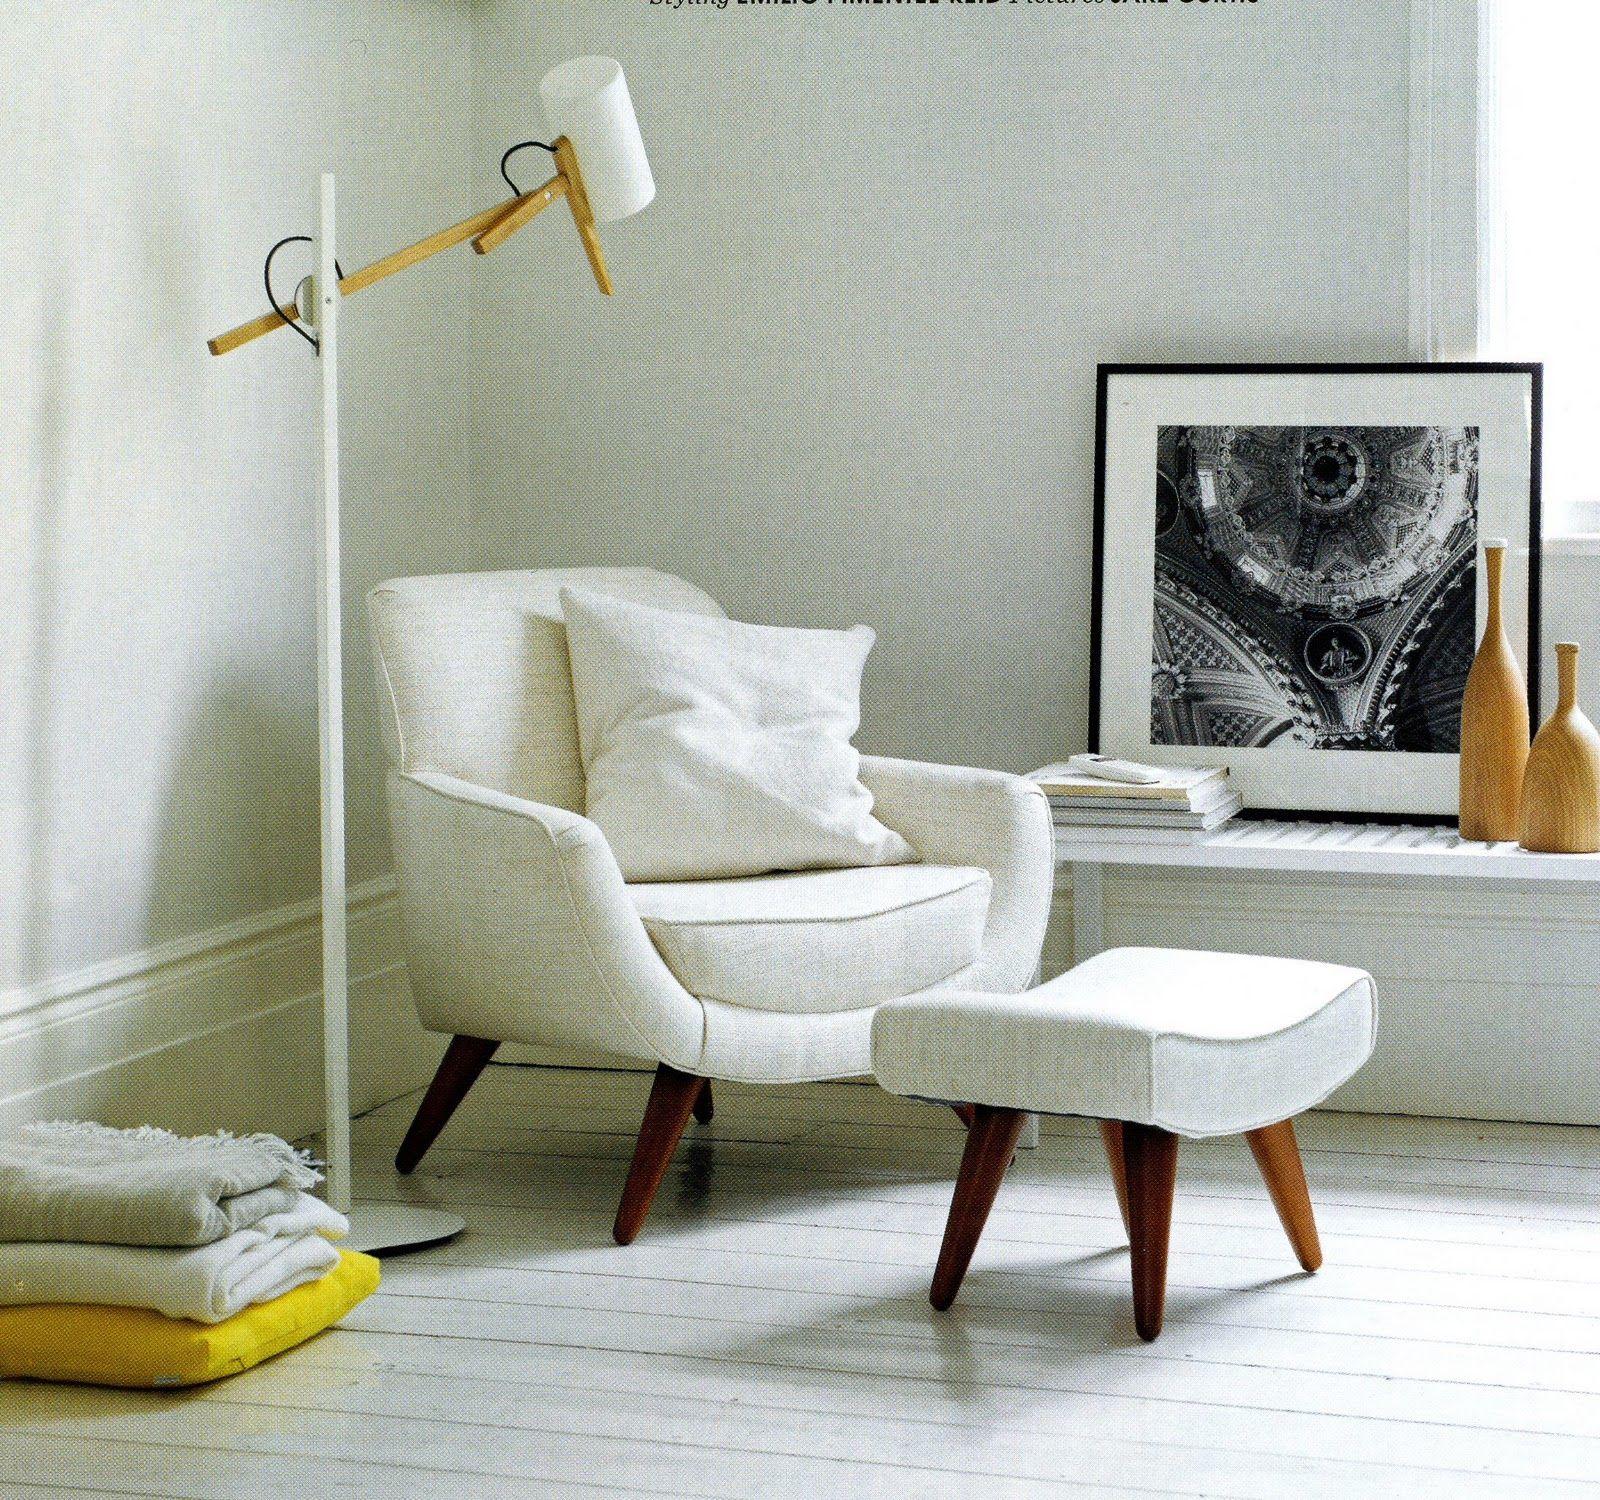 Retro möbel weiße möbel mein wohnzimmer liegestühle weiße stühle laura ashley inspiration boards strandhäuser für zu hause